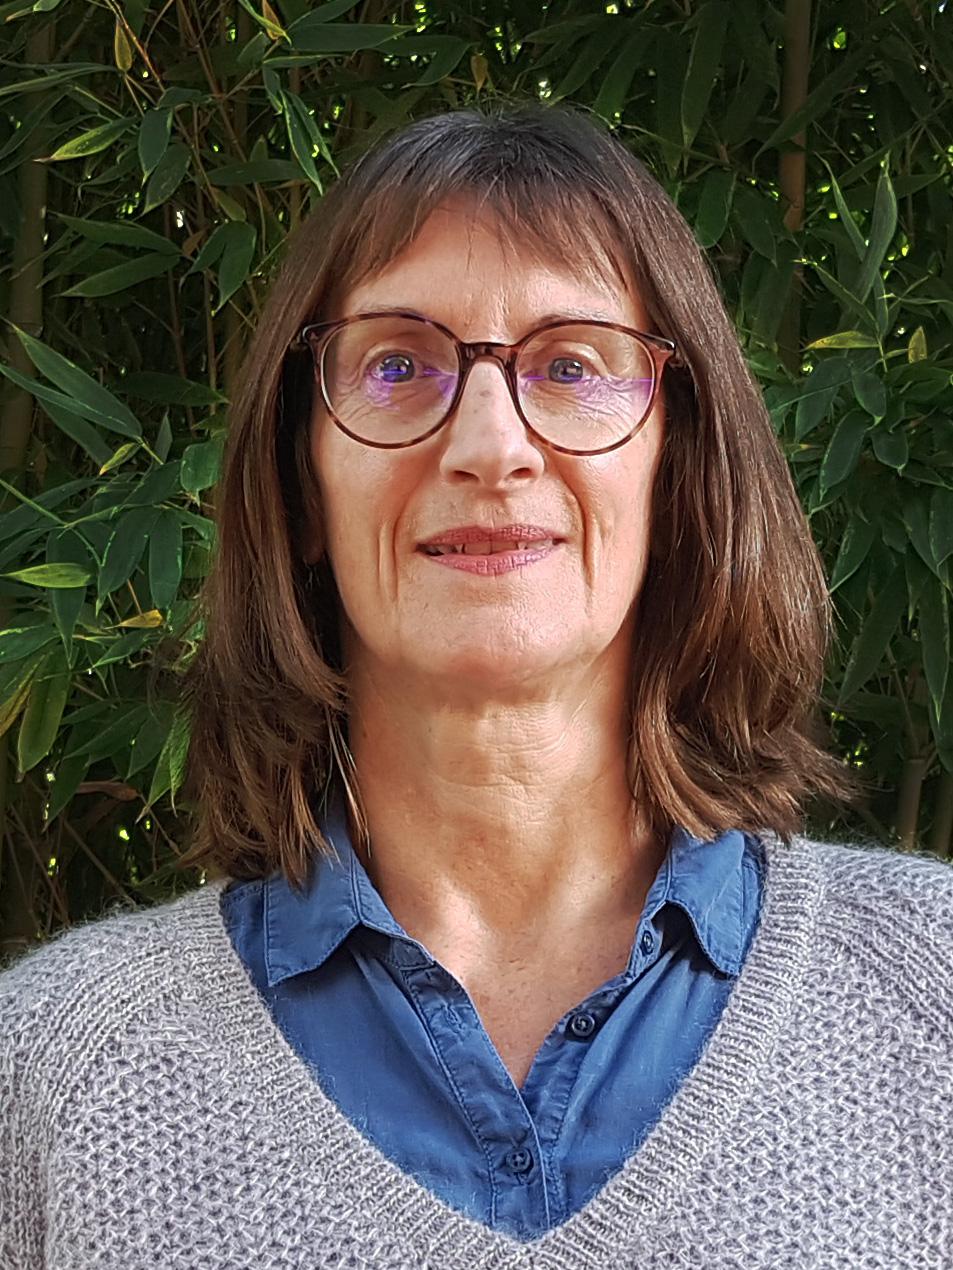 2020 Simmel Award Winner Claire Bidart